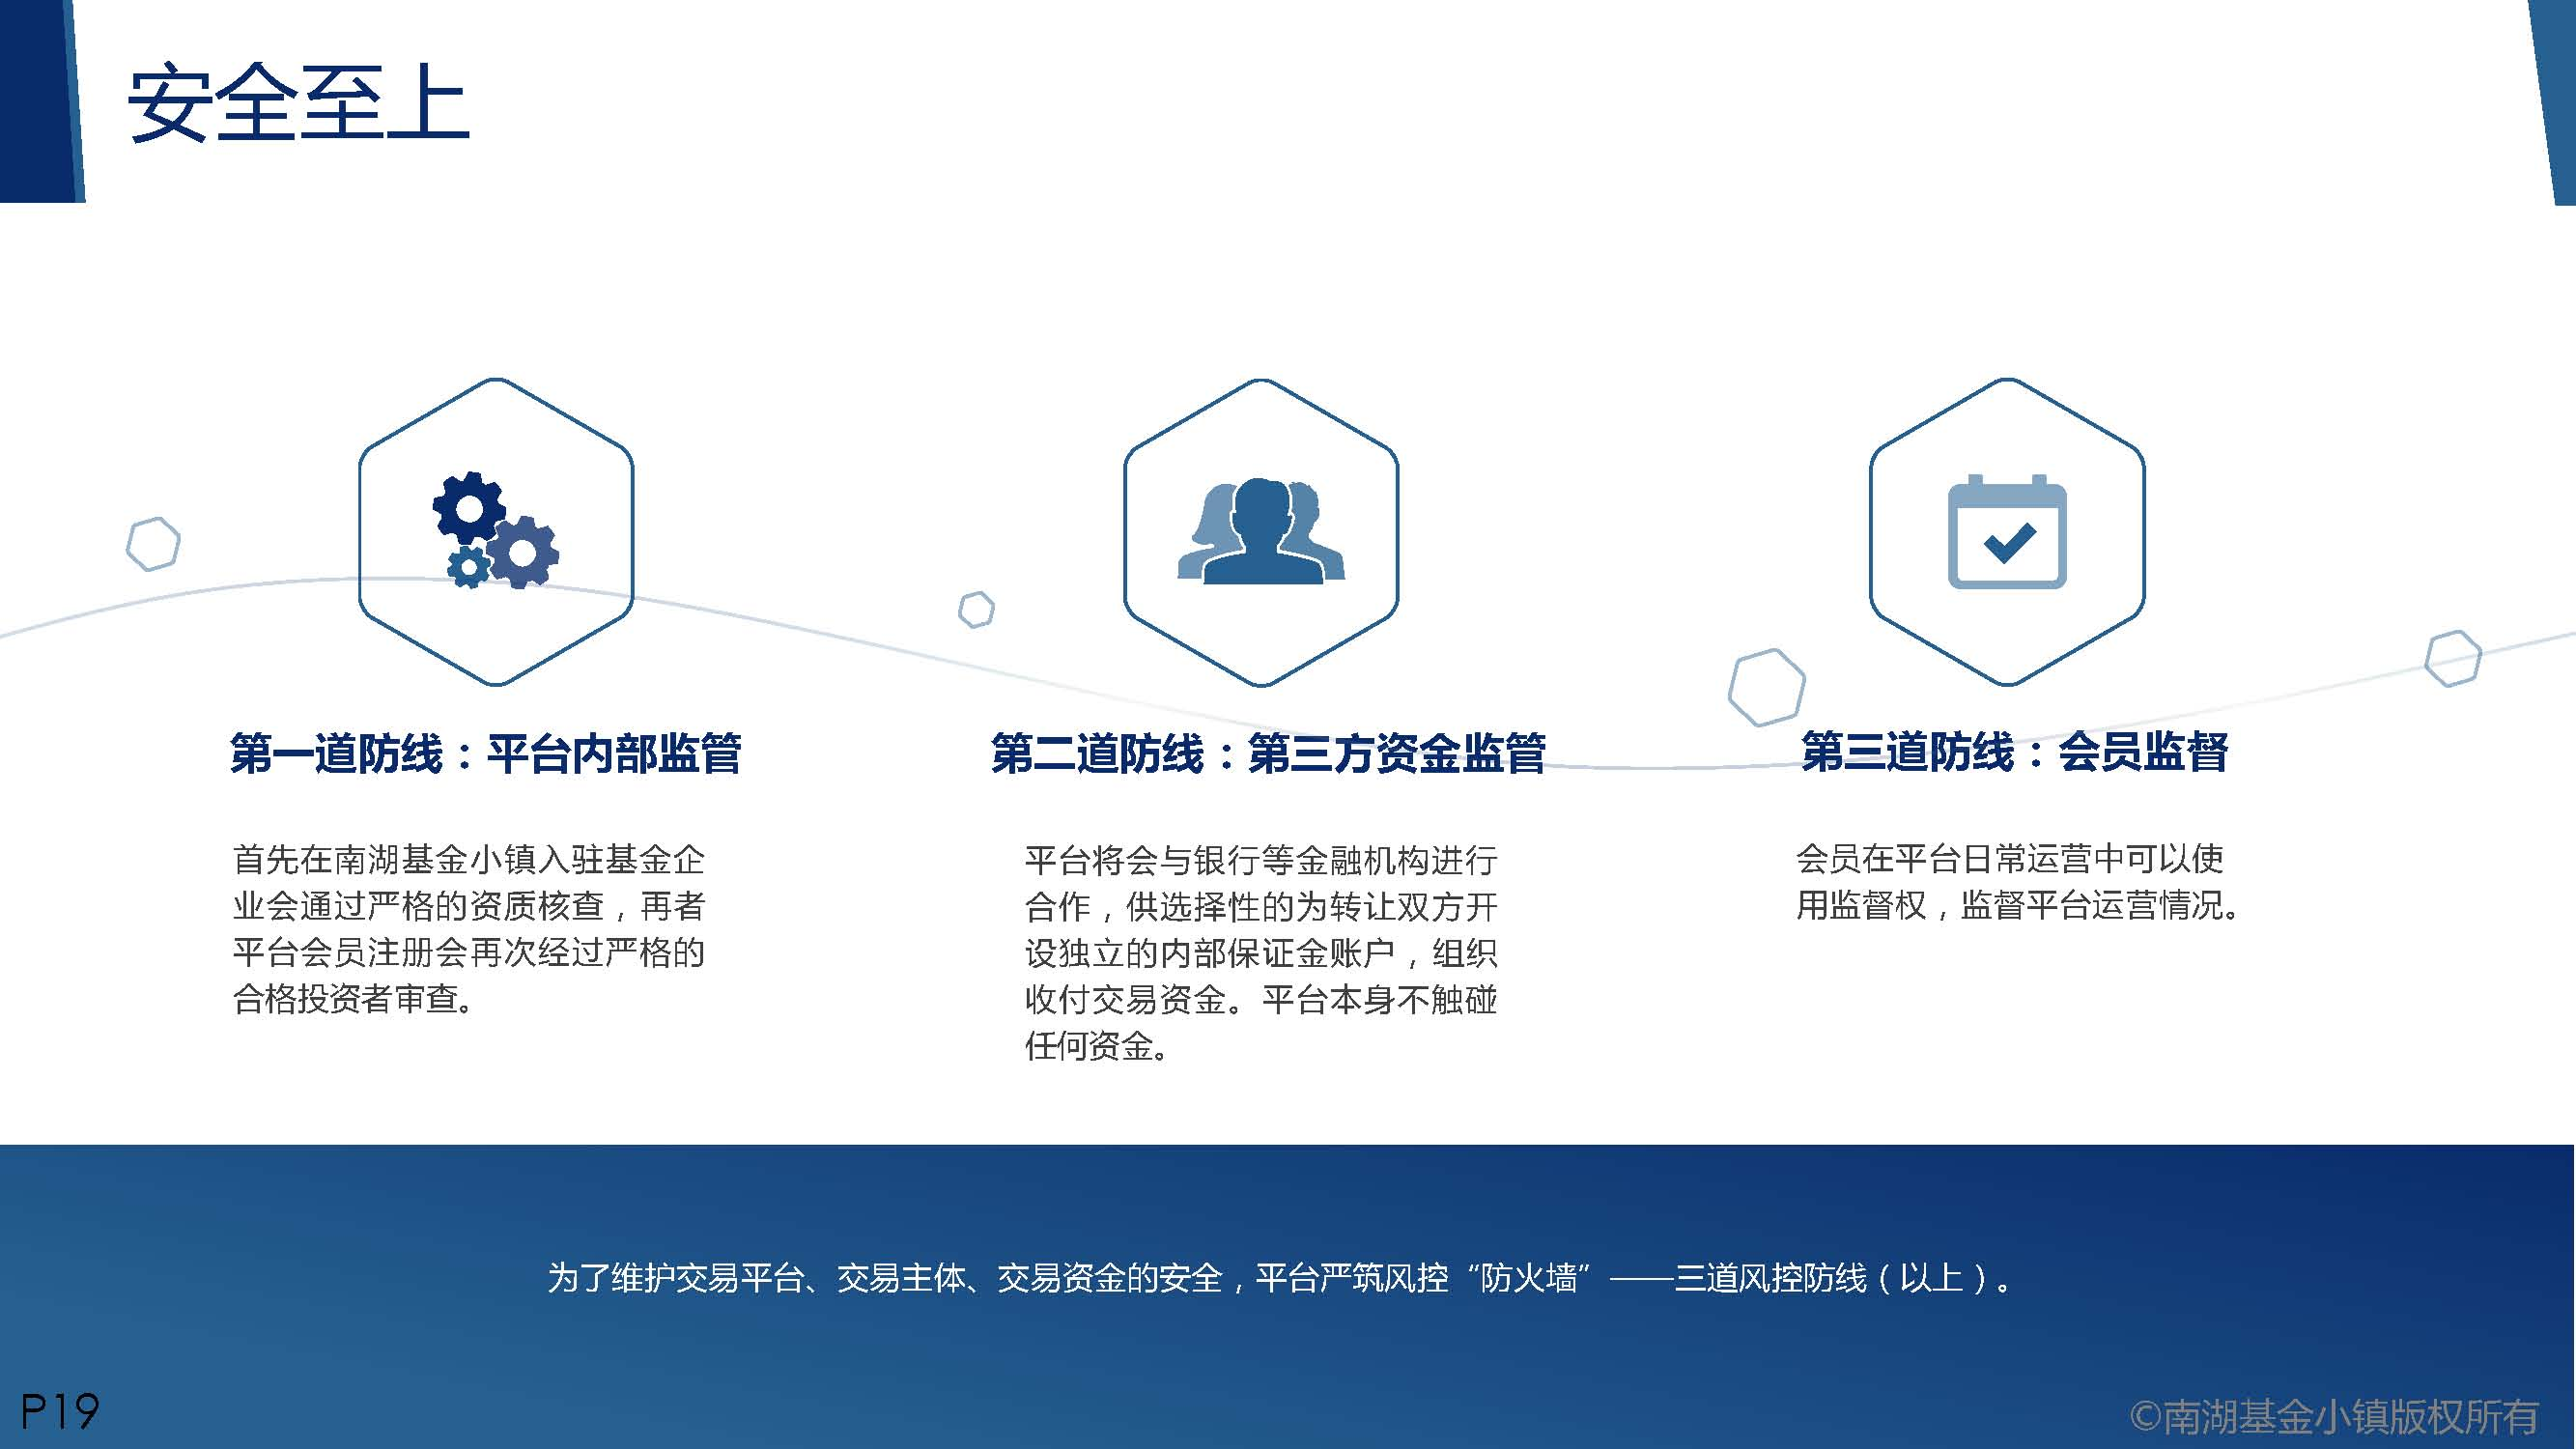 南湖基金小镇投融圈-内部转让信息对接服务平台介绍(6月26日修改稿)_页面_19.jpg